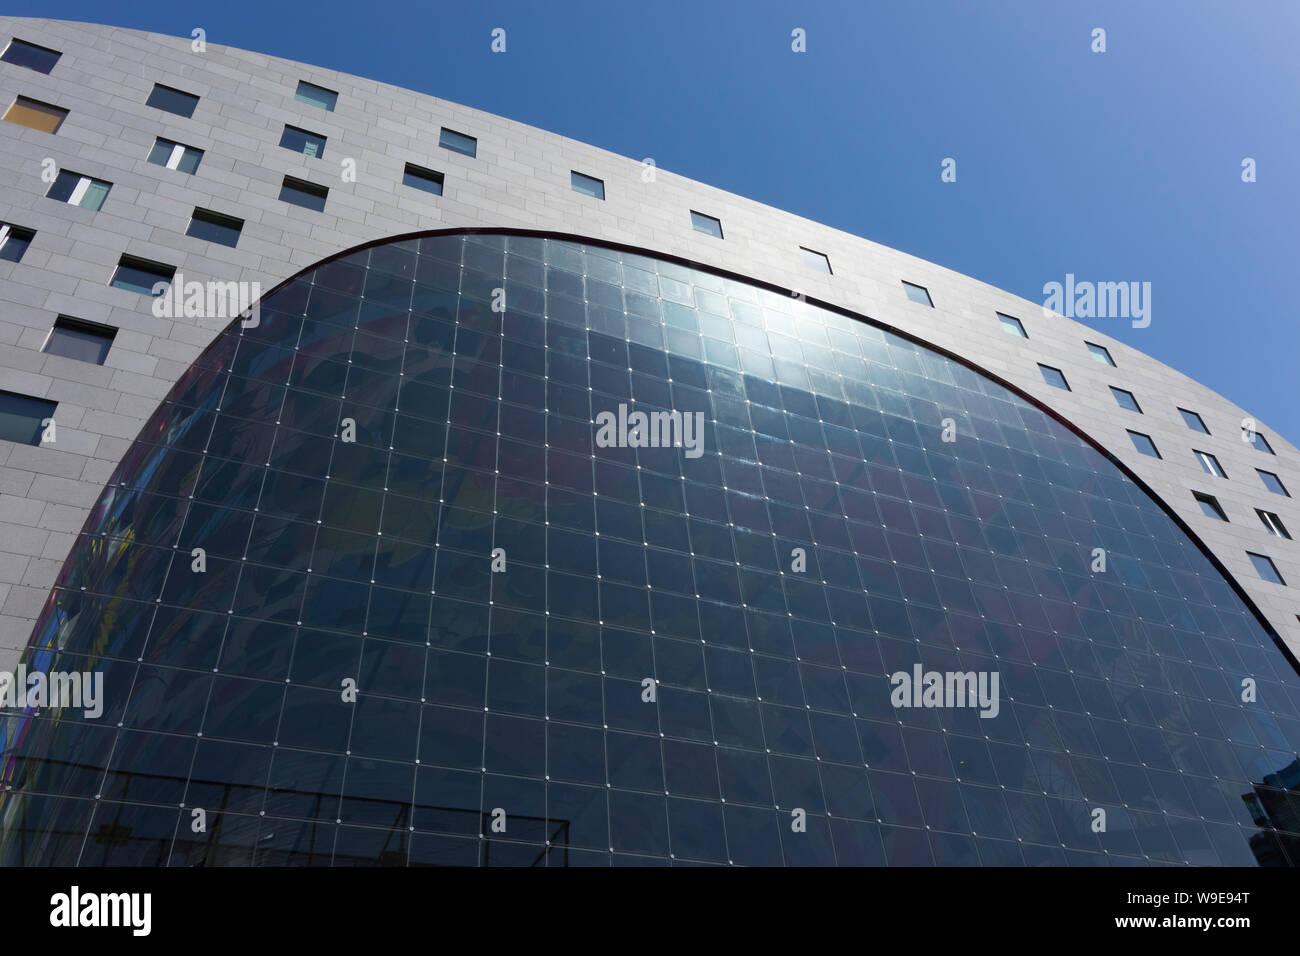 Rotterdam, Holland - Juli 30, 2019: Fassade des Markthal gebäude mit Glasfenstern Stockfoto